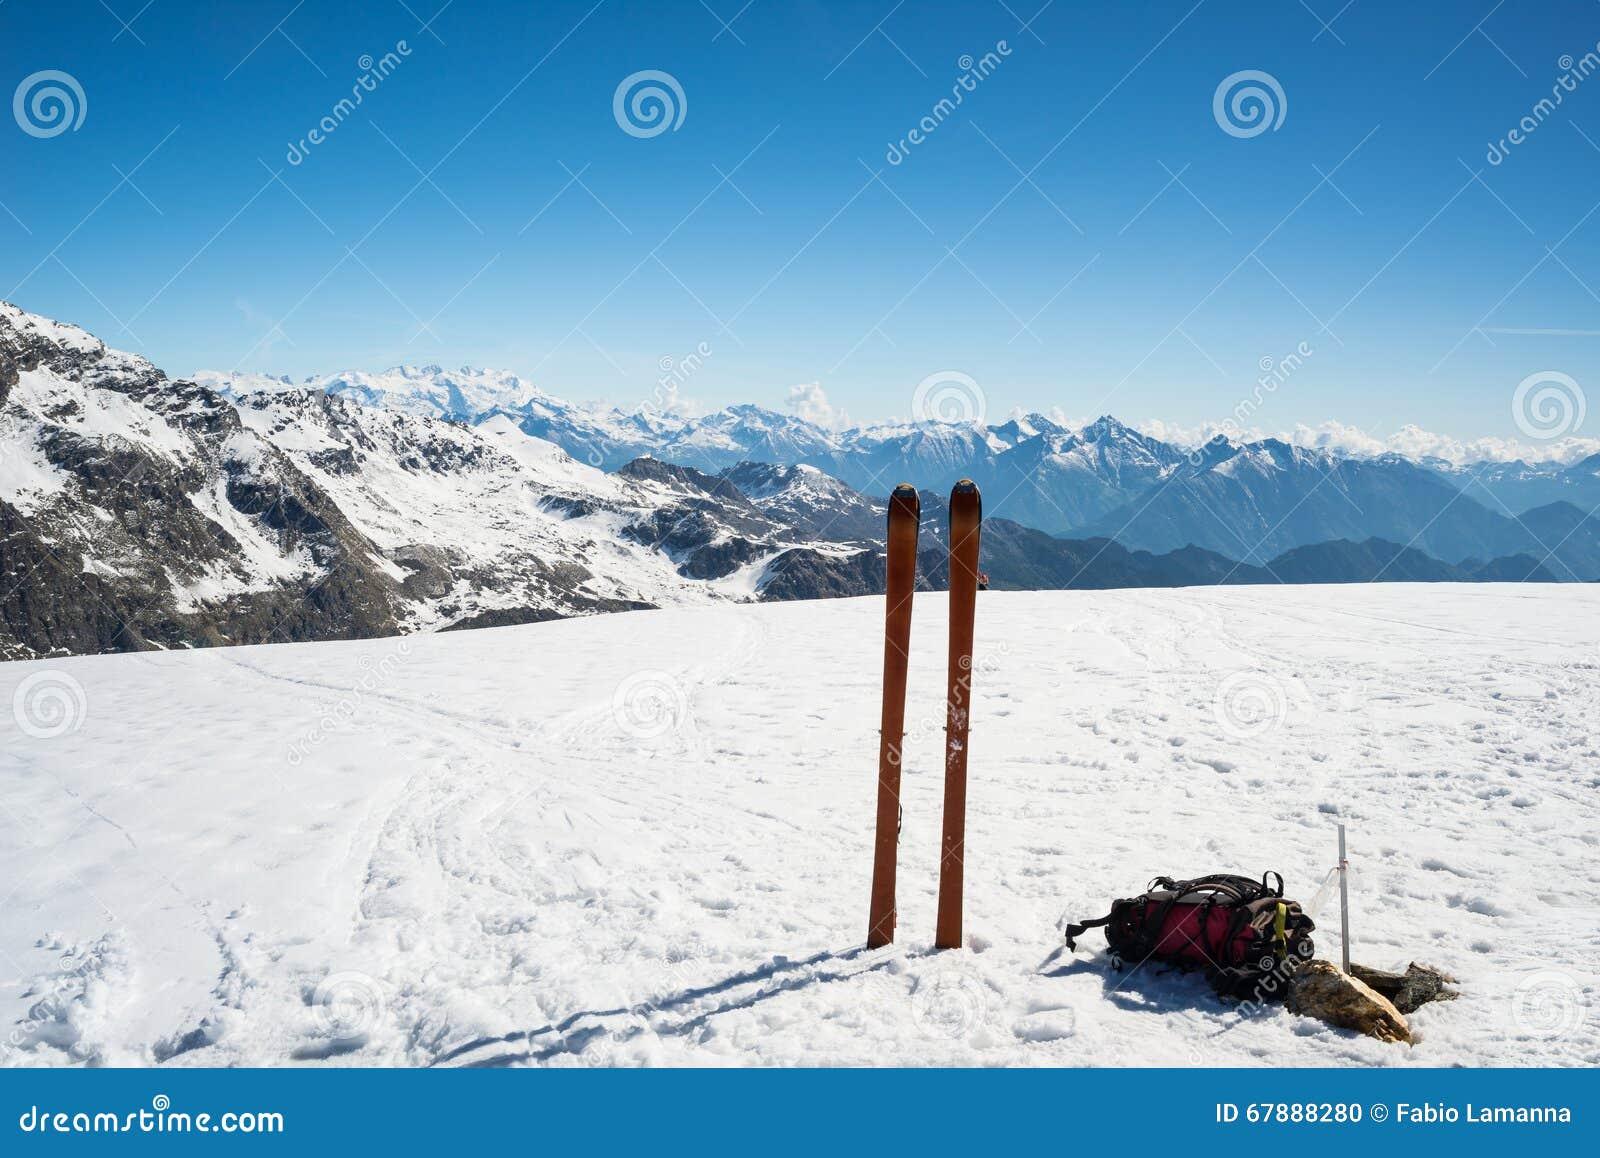 滑雪在山顶的游览设备,庄严山脉